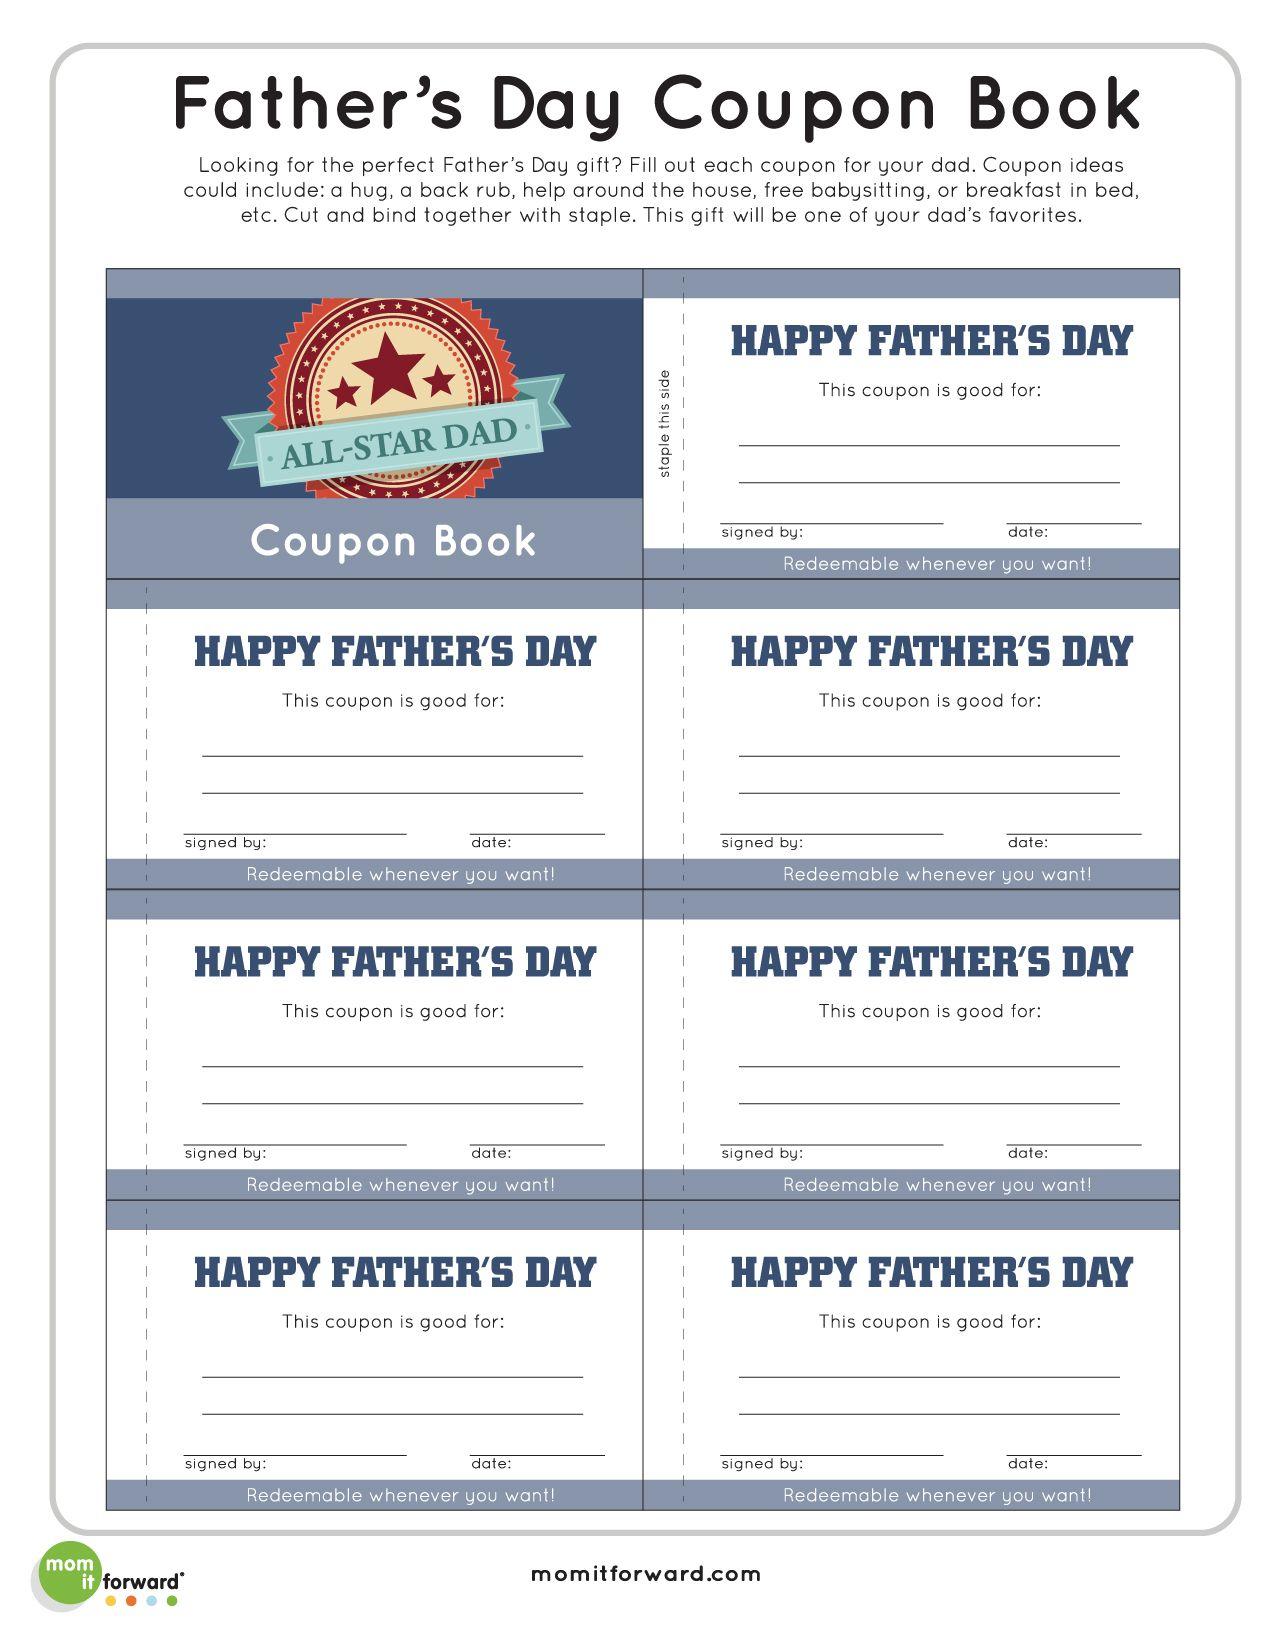 coupon book printable